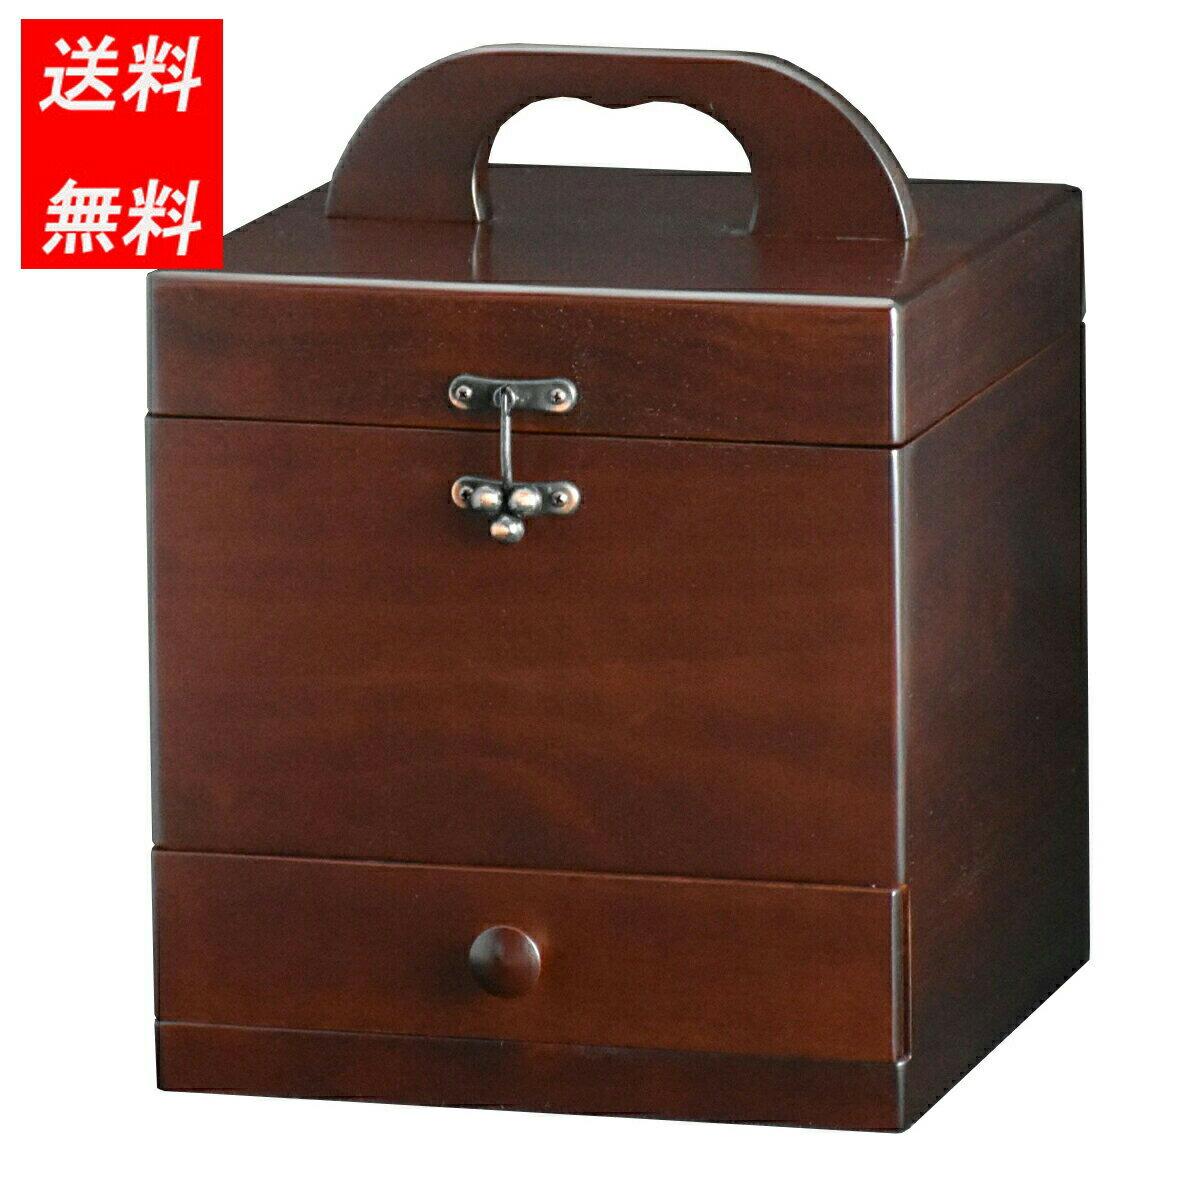 メイクボックス コスメボックス プラリネ M2367 日本製 木製 鏡角度調整 送料無料